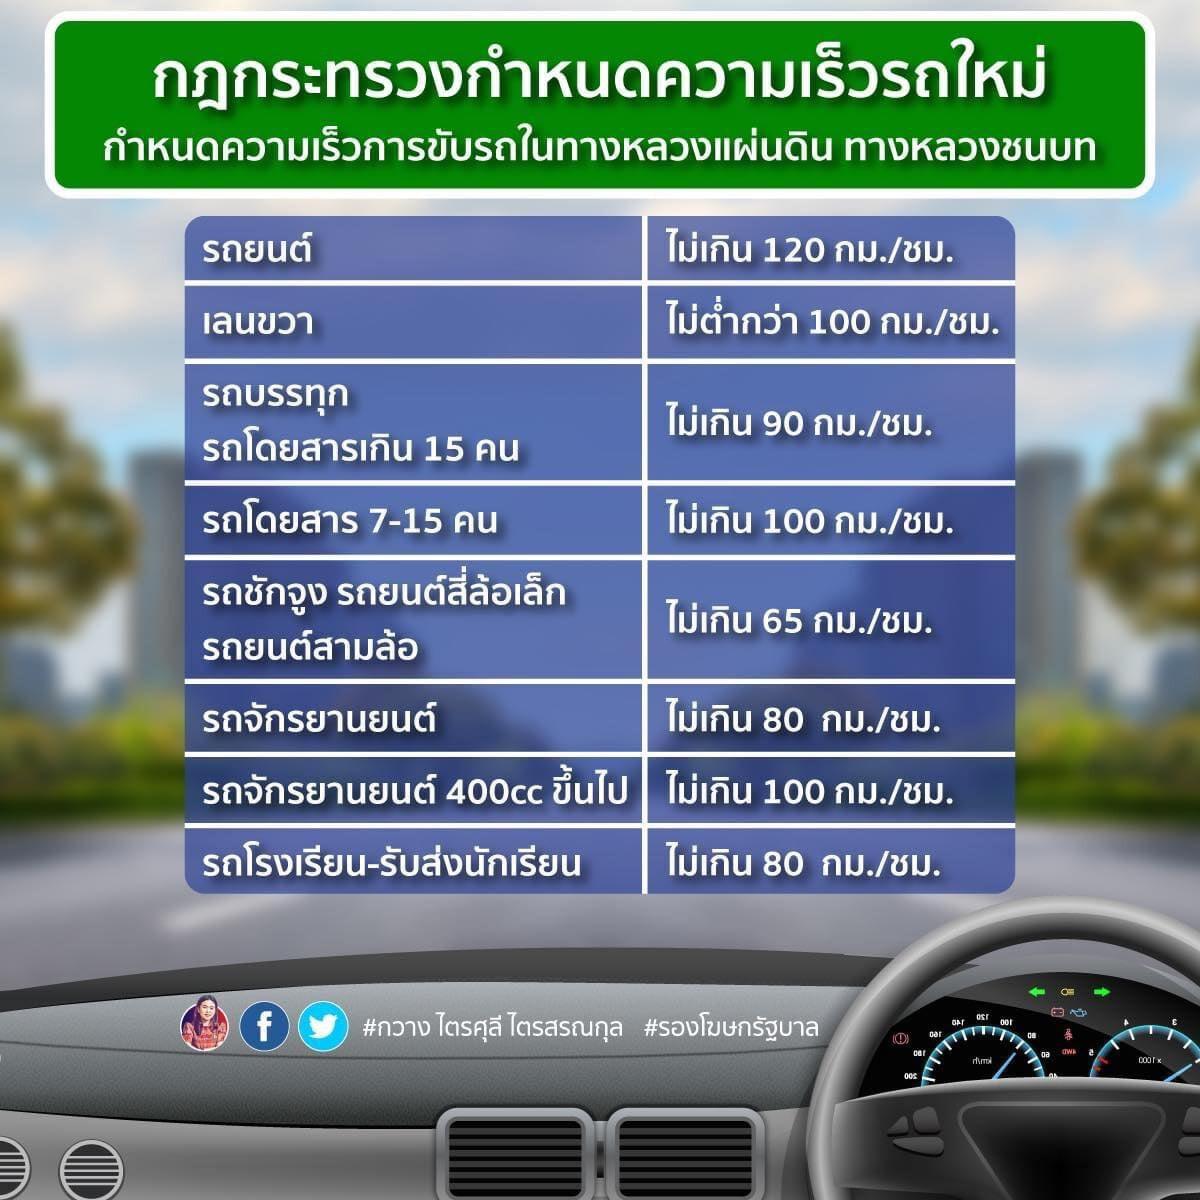 กฎหมายกำหนดความเร็วรถใหม่ รถยนต์ไม่เกิน 120กม./ชม. เลนขวาห้ามต่ำกว่า 100กม./ชม.